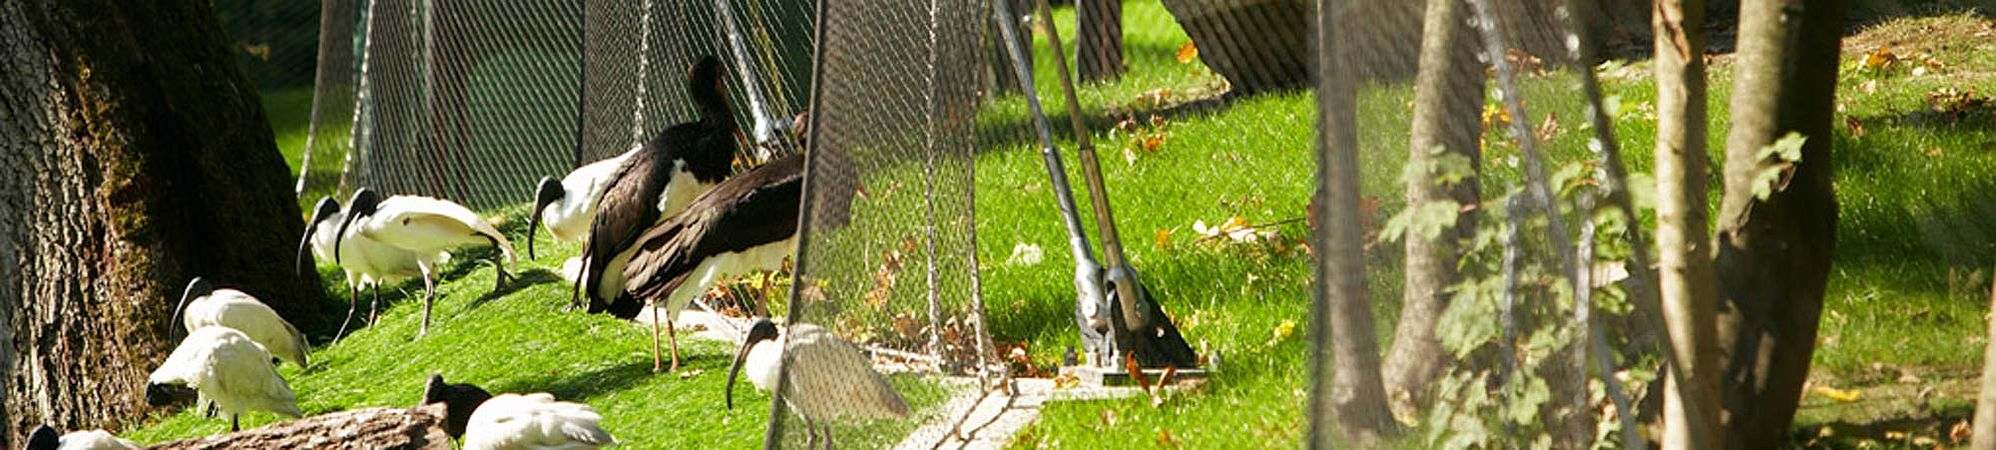 Opel-Zoo, begehbare Vogelvoliere